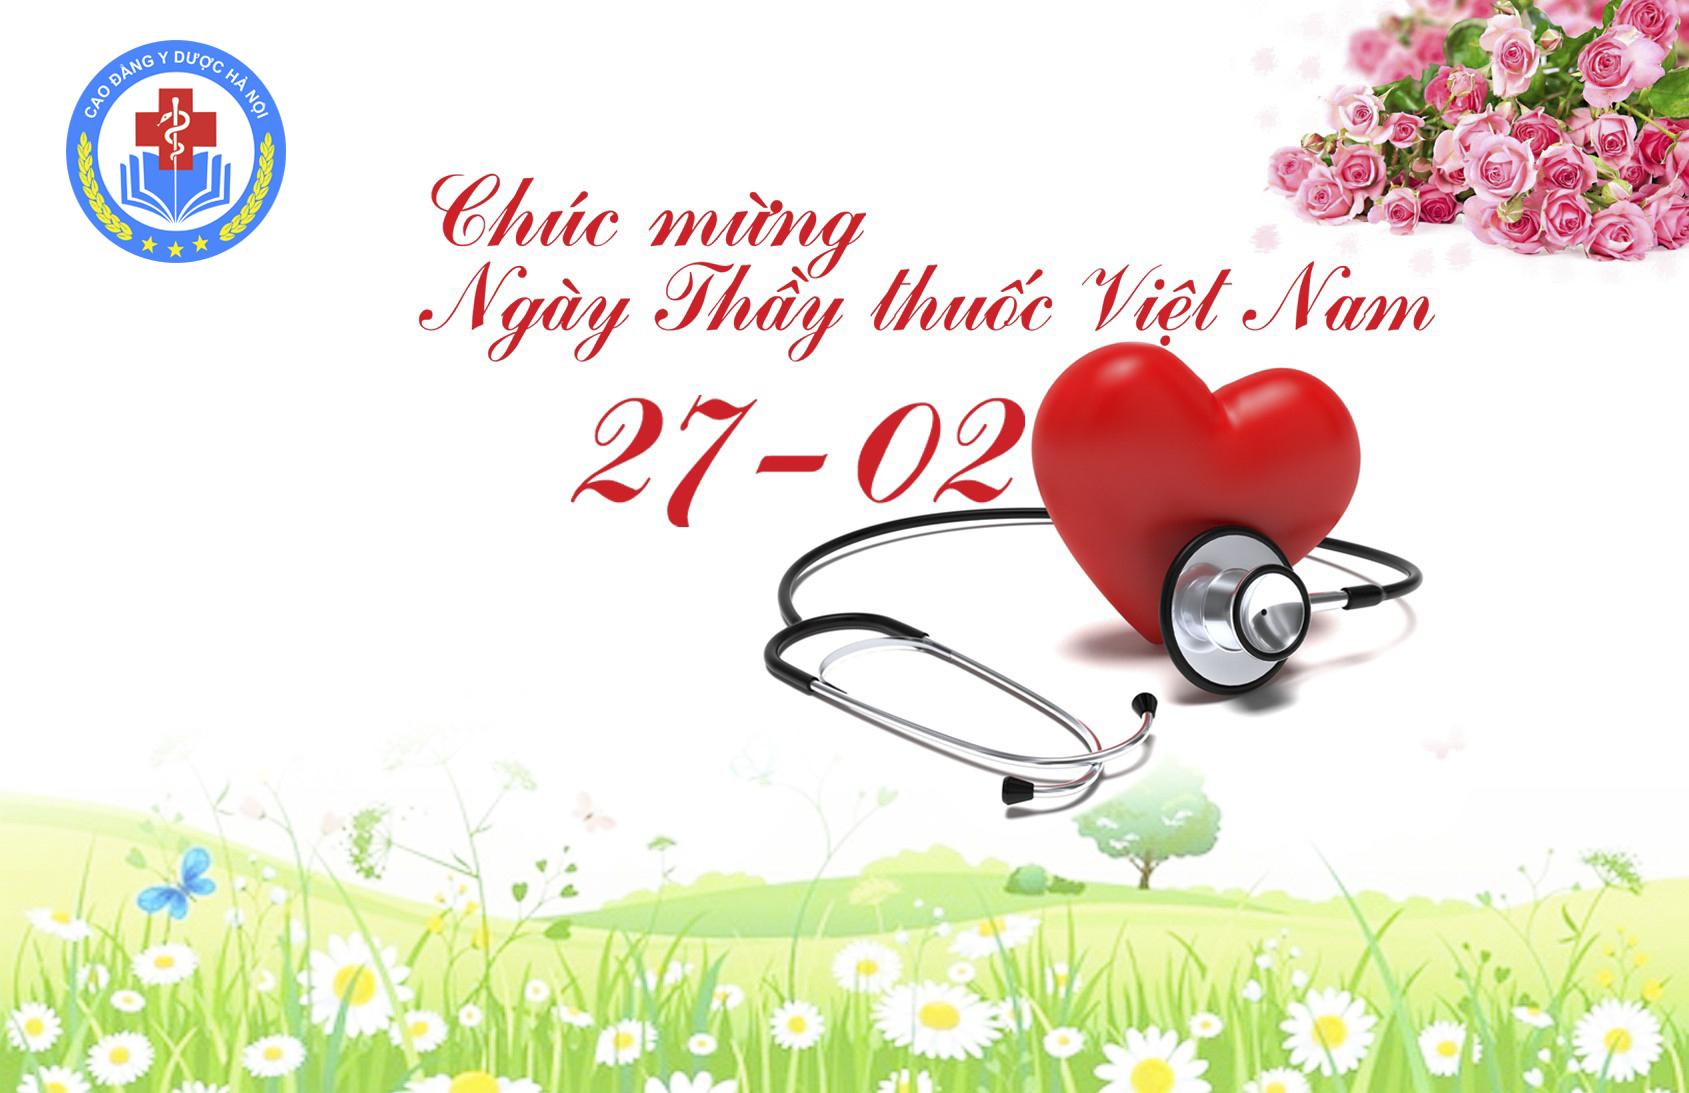 Chúc mừng ngày Thầy thuốc Việt nam 27-2, Trường Cao đẳng Y Dược Hà Nội